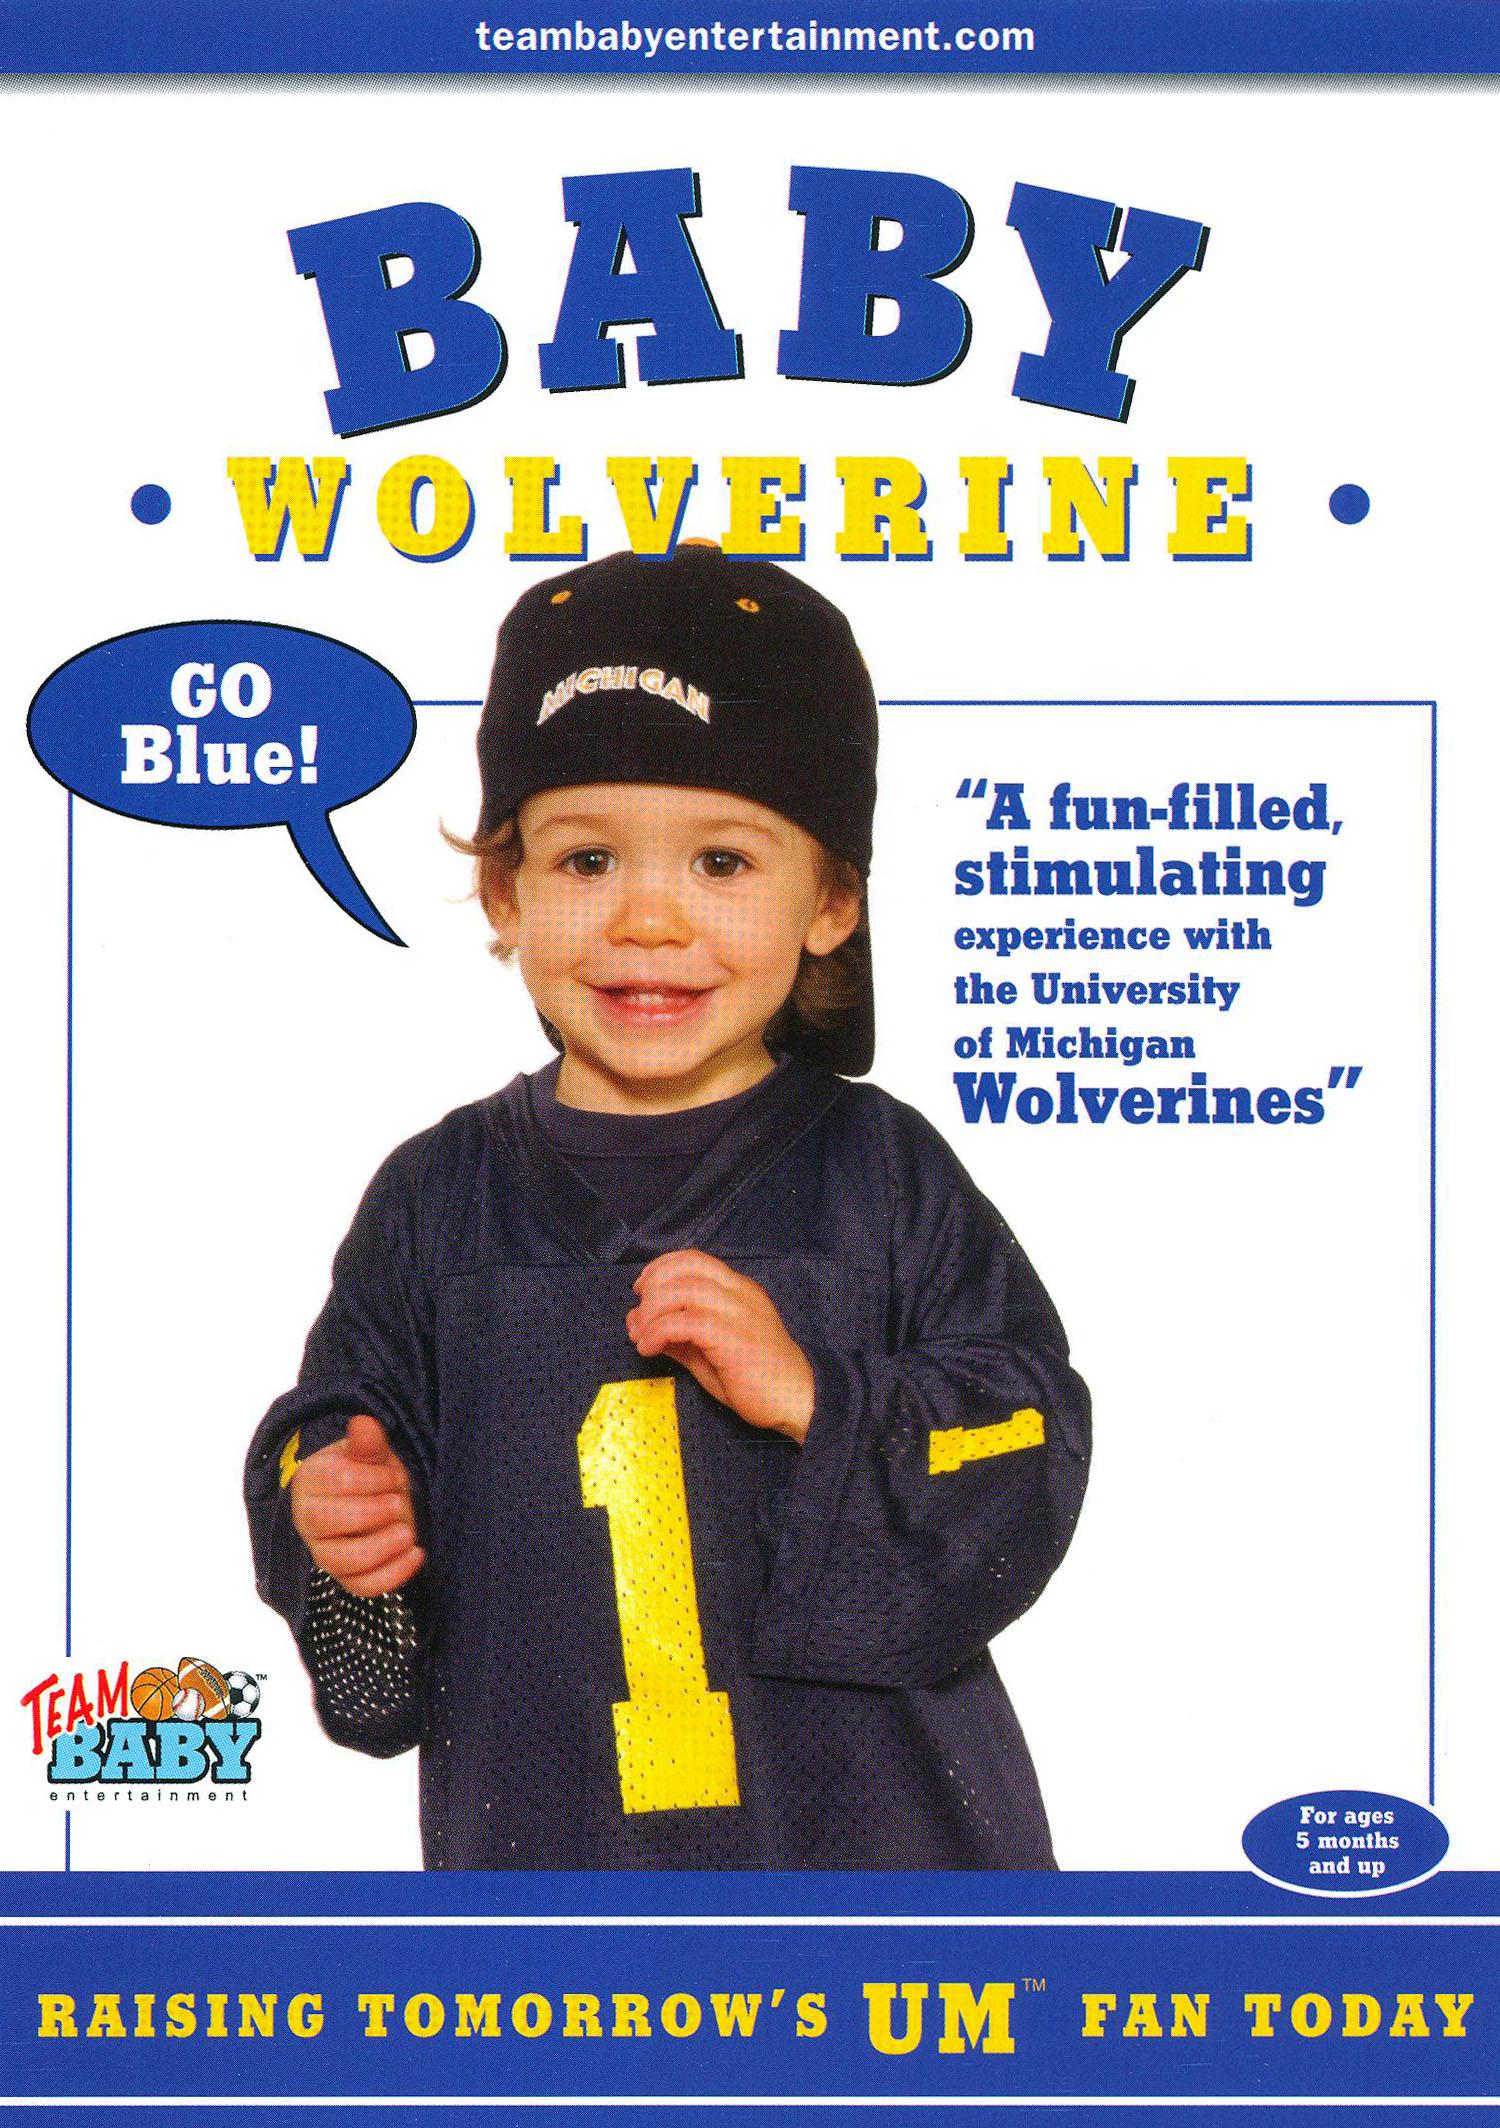 Team Baby: Baby Wolverine